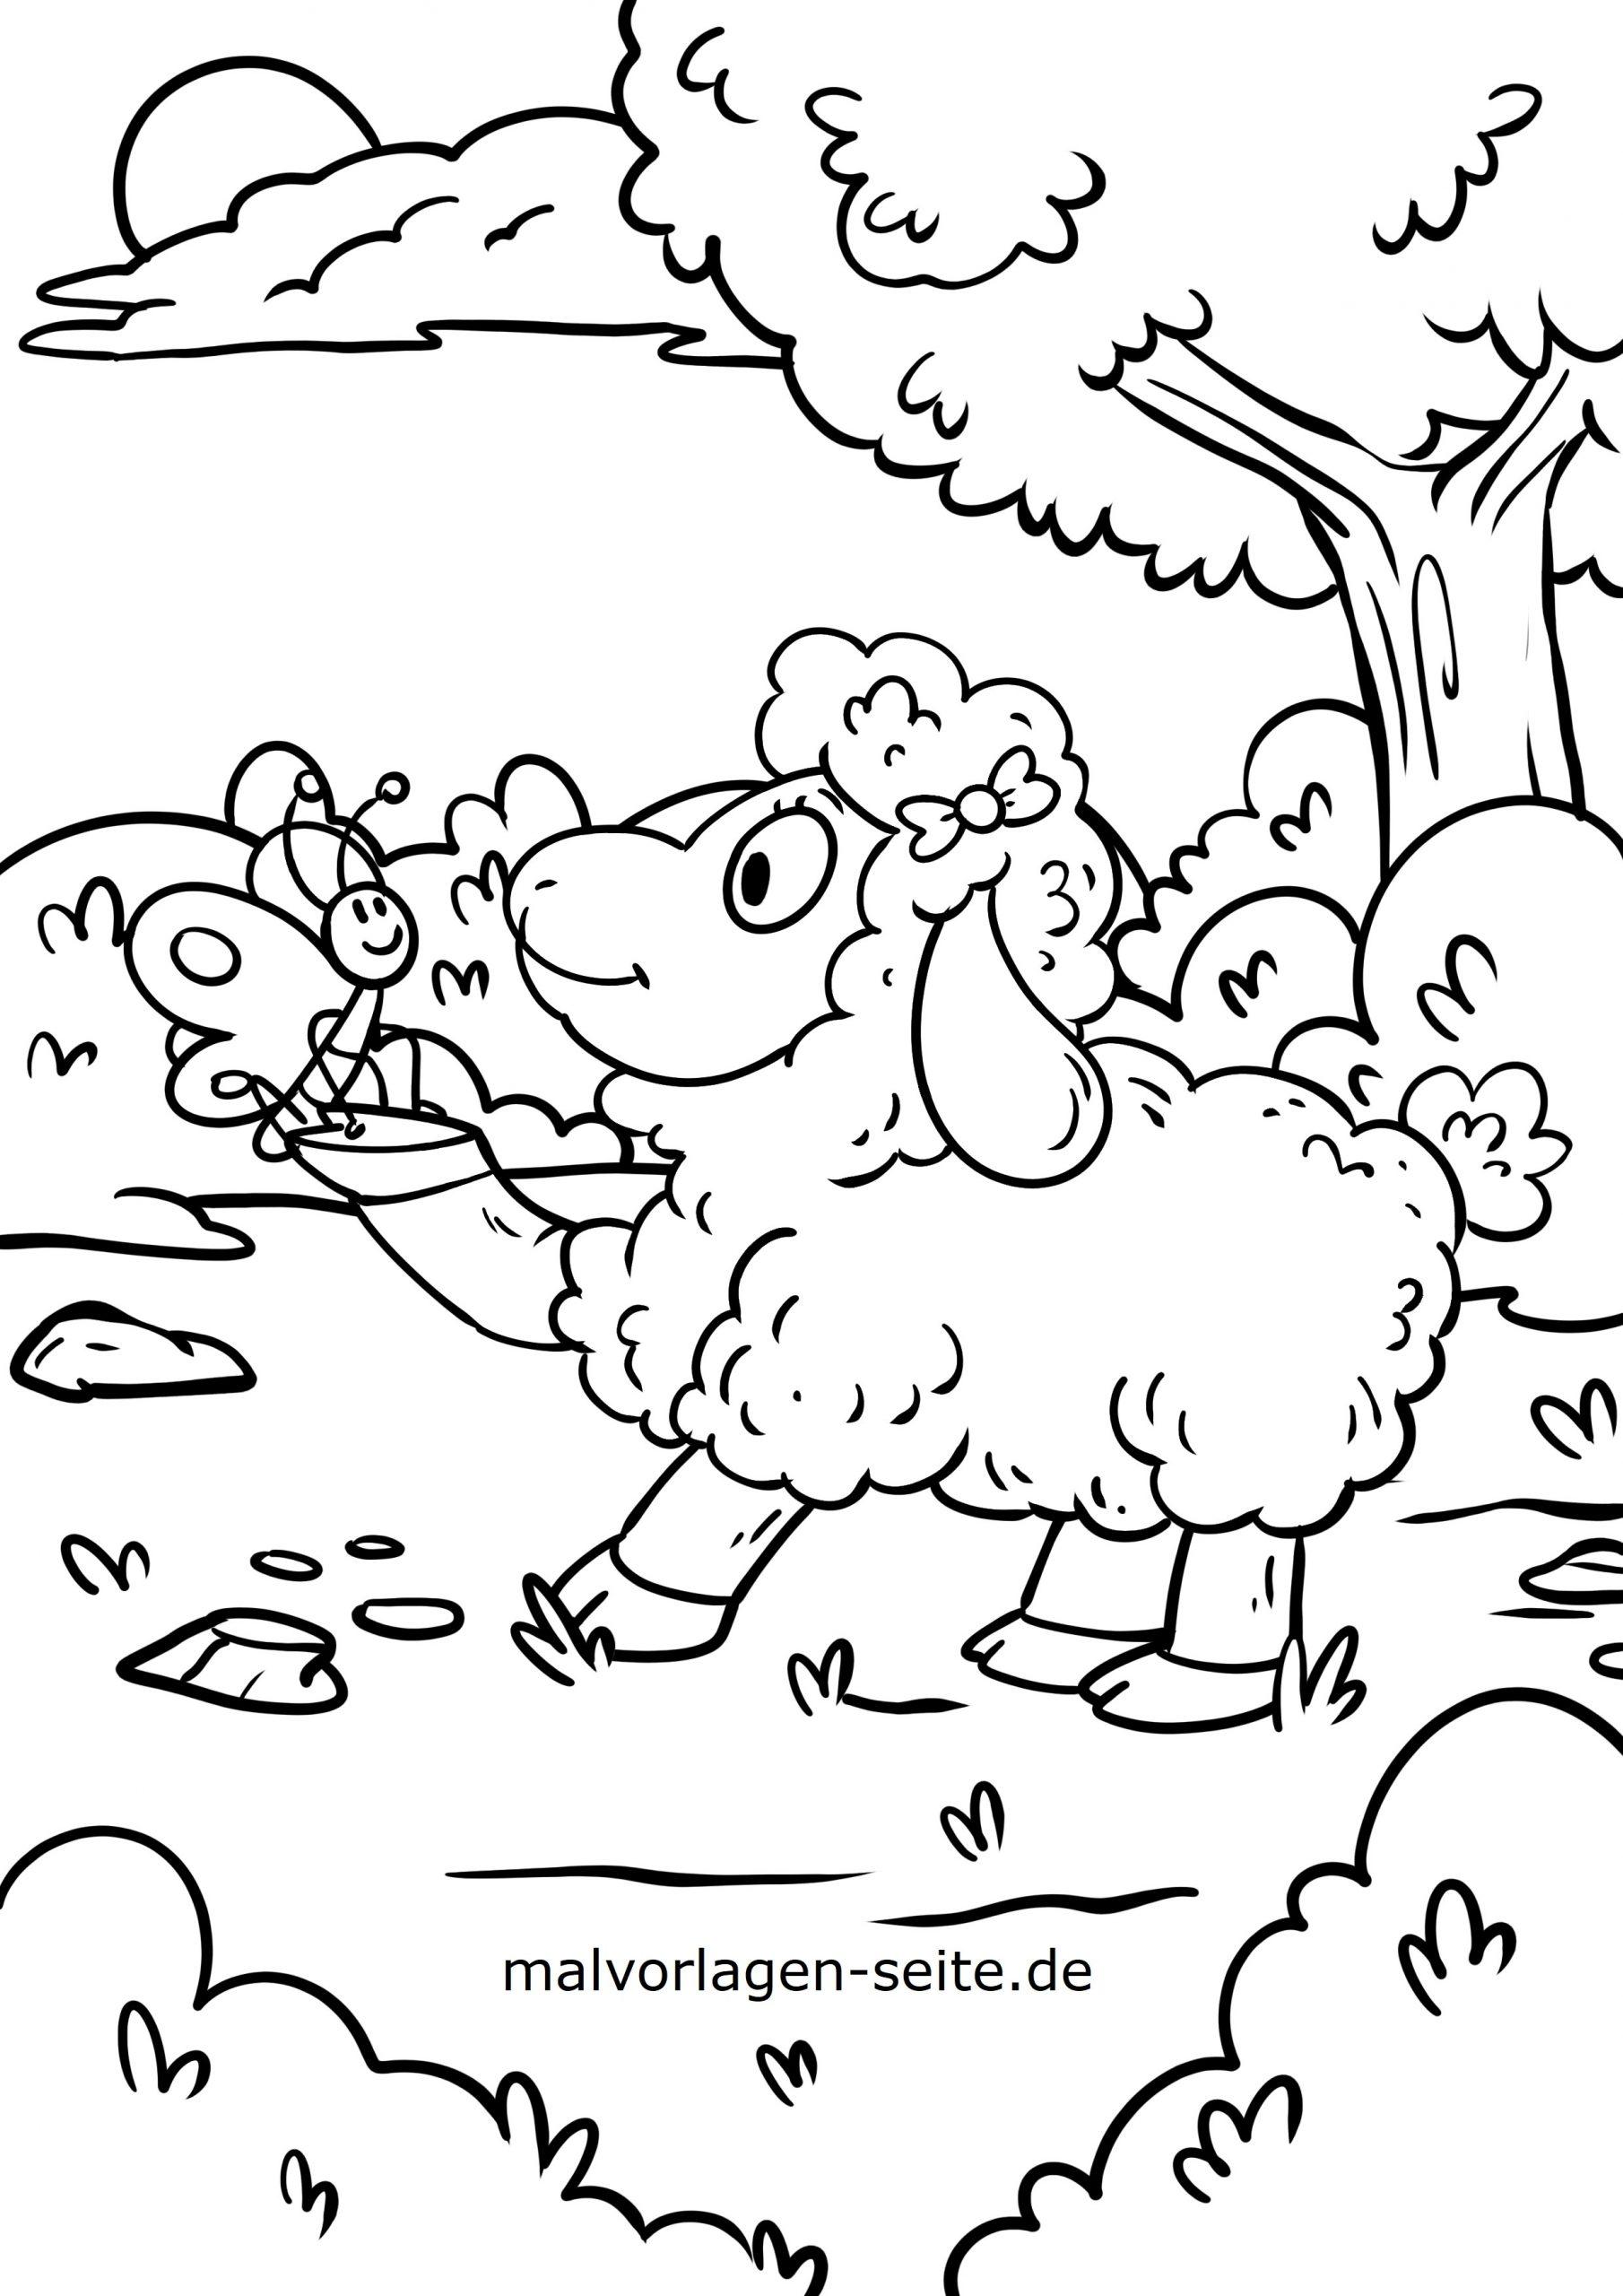 Malvorlage Schaf Und Schmetterling | Tiere - Ausmalbilder bei Schaf Malvorlage